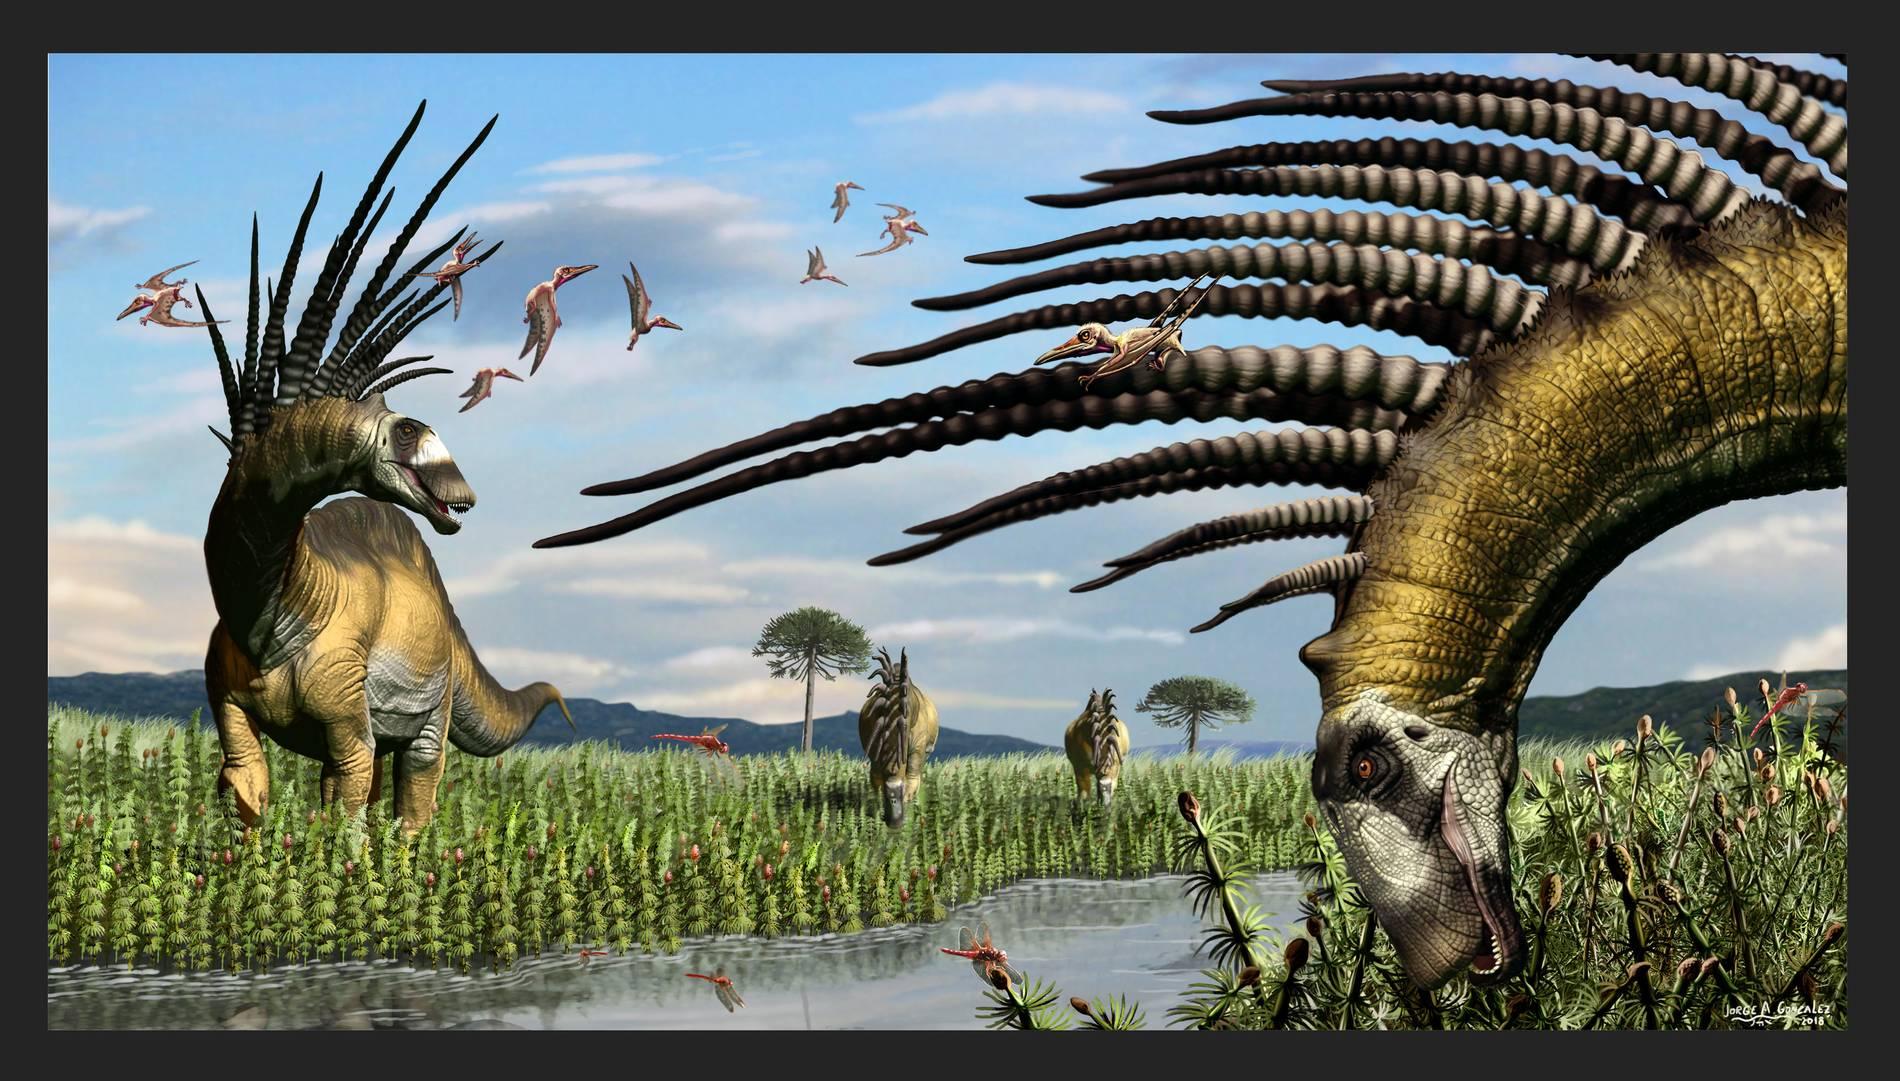 Bajadasaurus Pronuspinax Wissenschaftler Entdecken Dinosaurier Mit